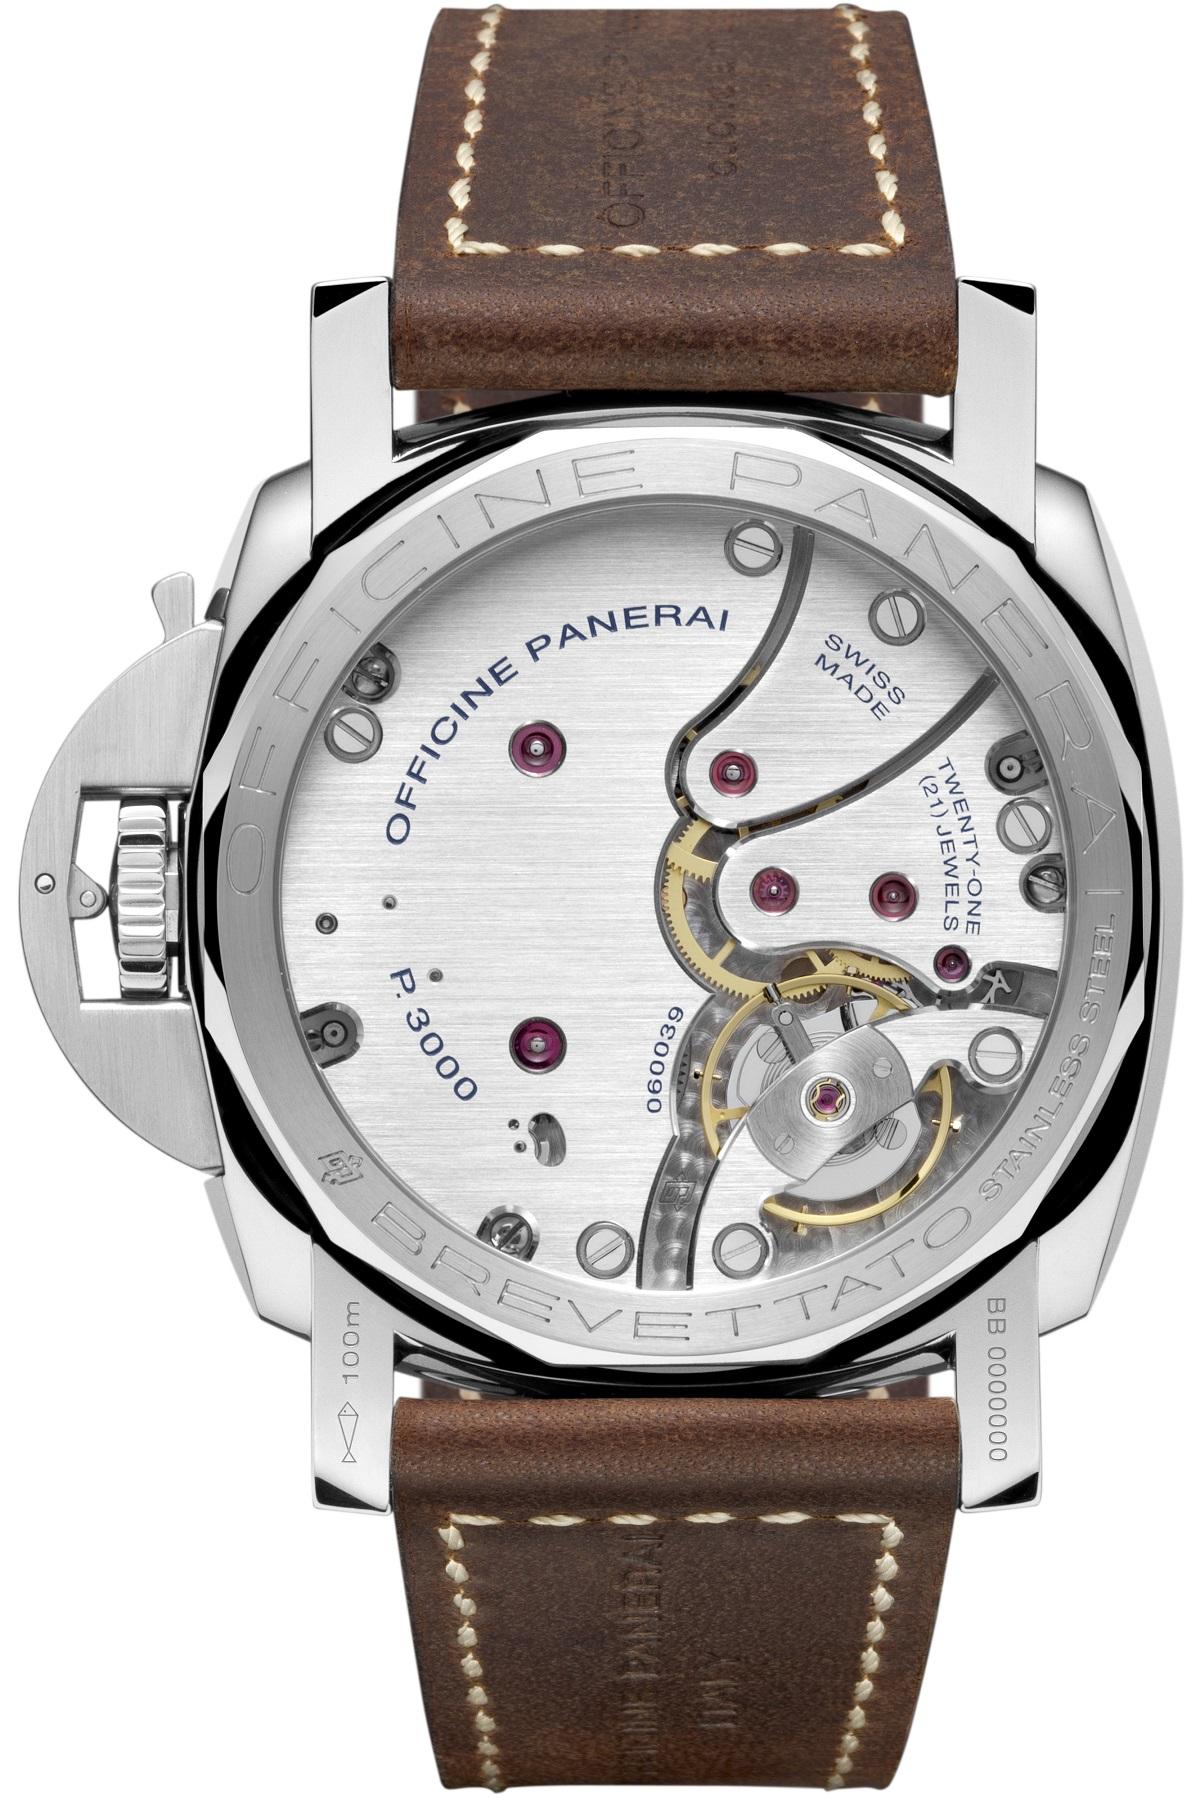 798943c51d3 Novo modelo de relógio Panerai homenageia Marinha Italiana - TOPVIEW